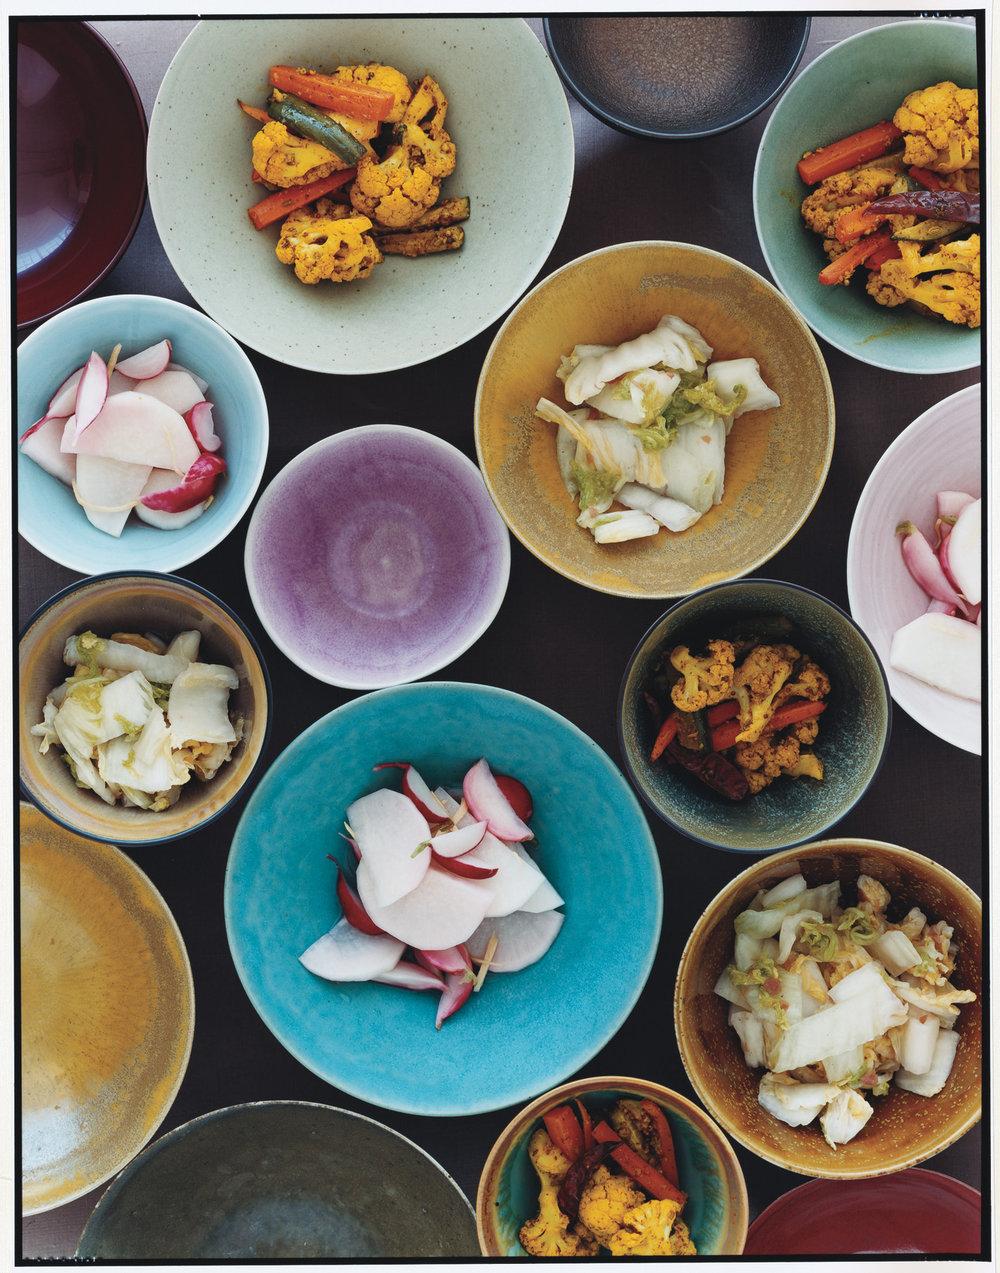 RG-007_0526-Gourmet.jpg